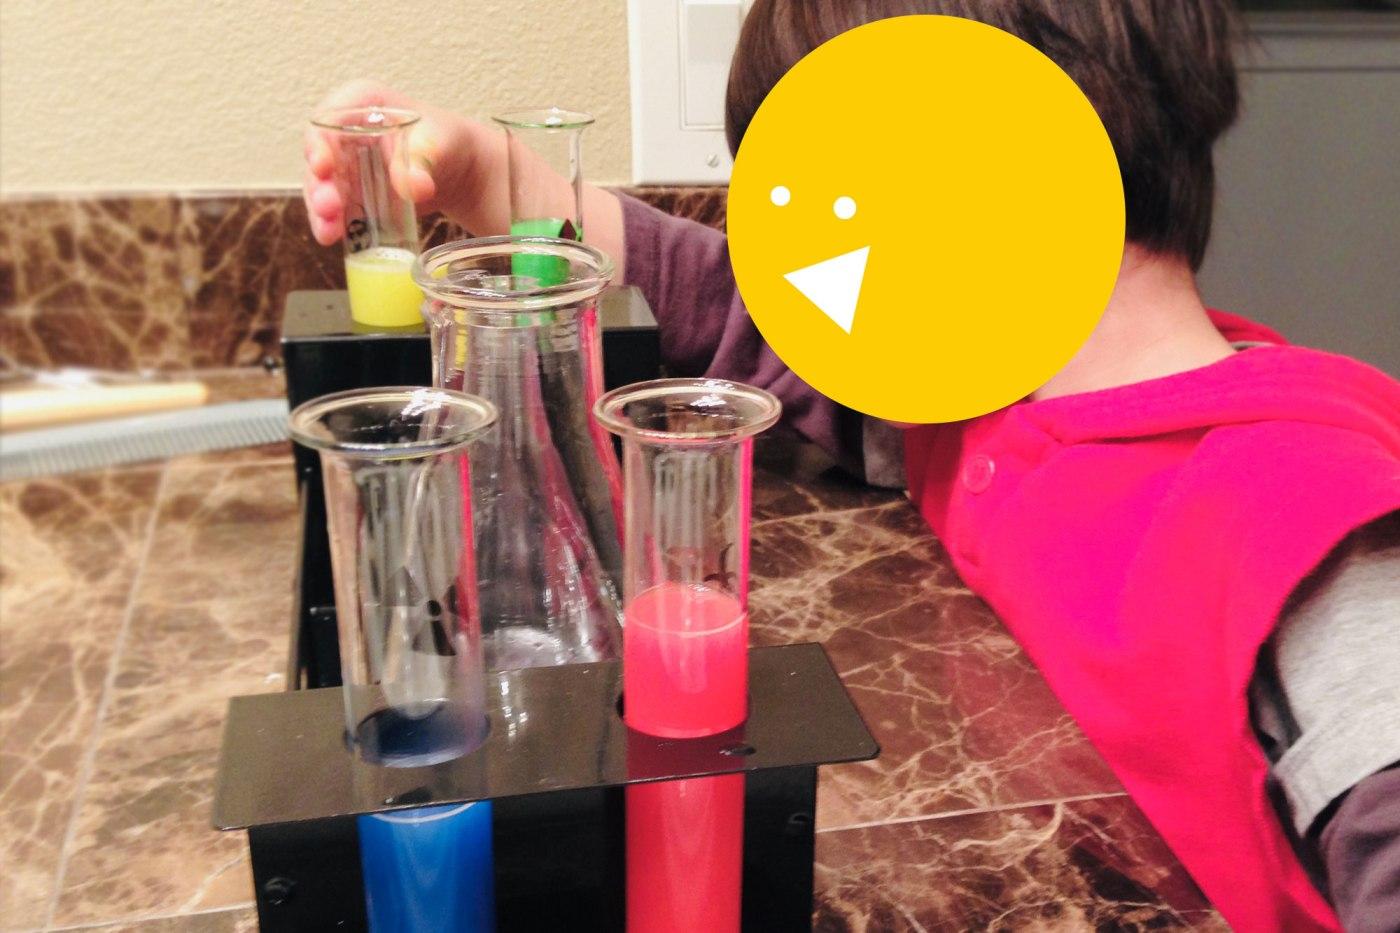 Mixing Colors: Indoor activity for preschoolers